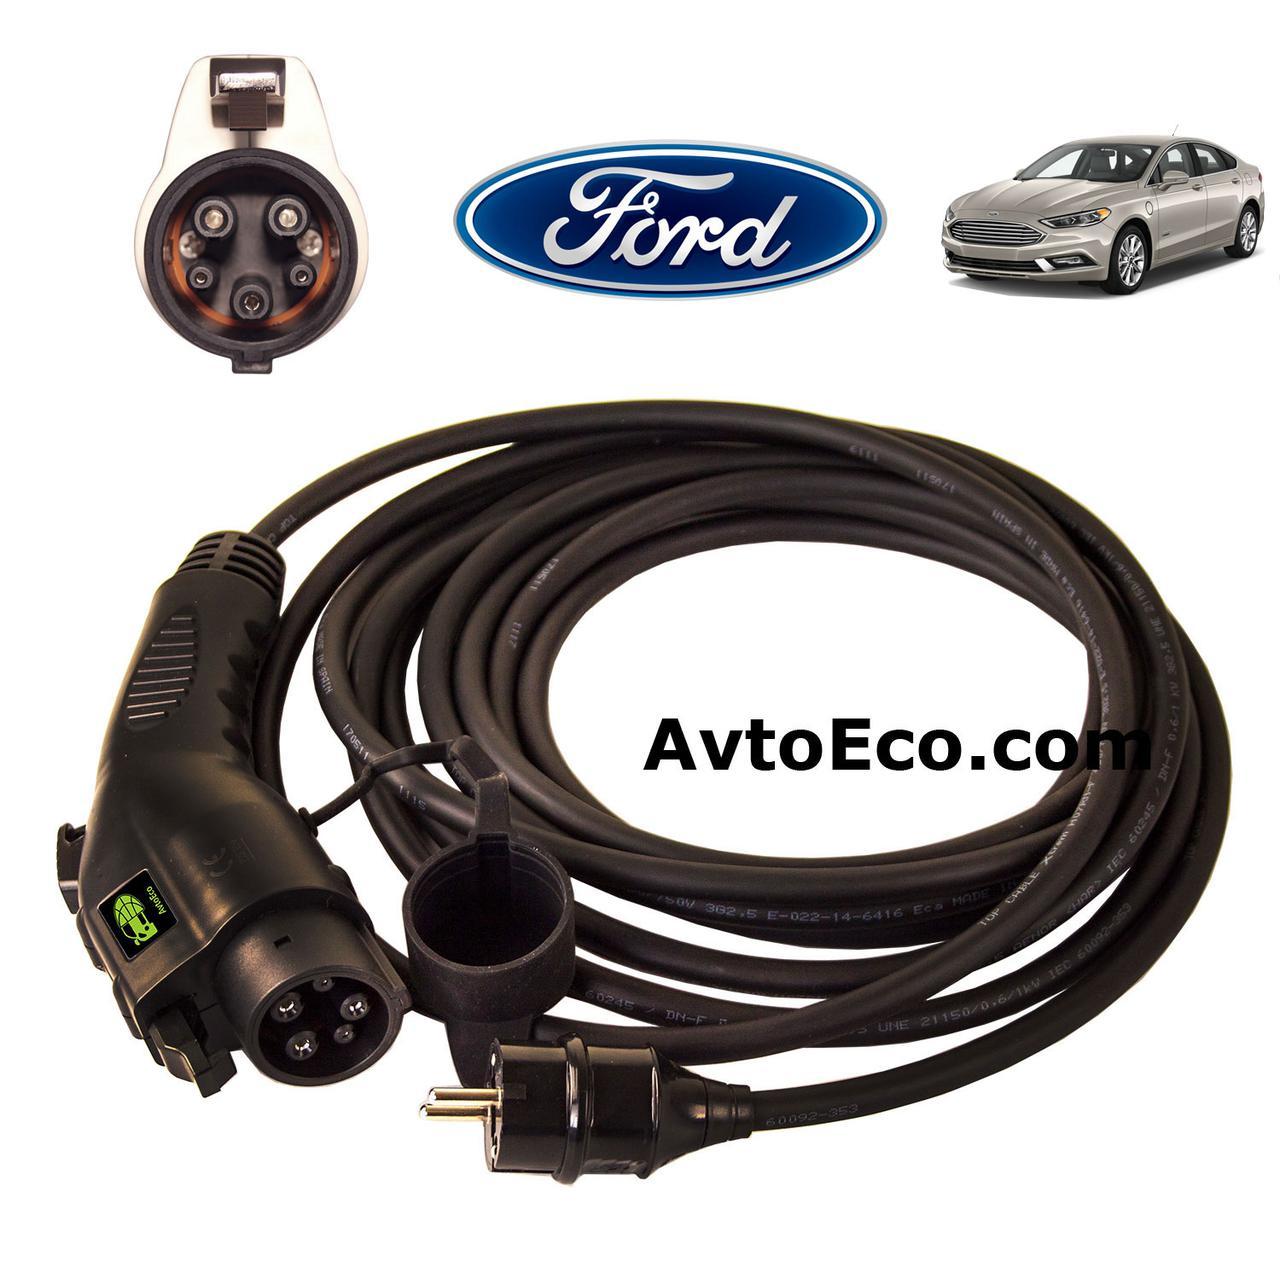 Зарядное устройство для электромобиля Ford Fusion Energi AutoEco J1772-16A, фото 1